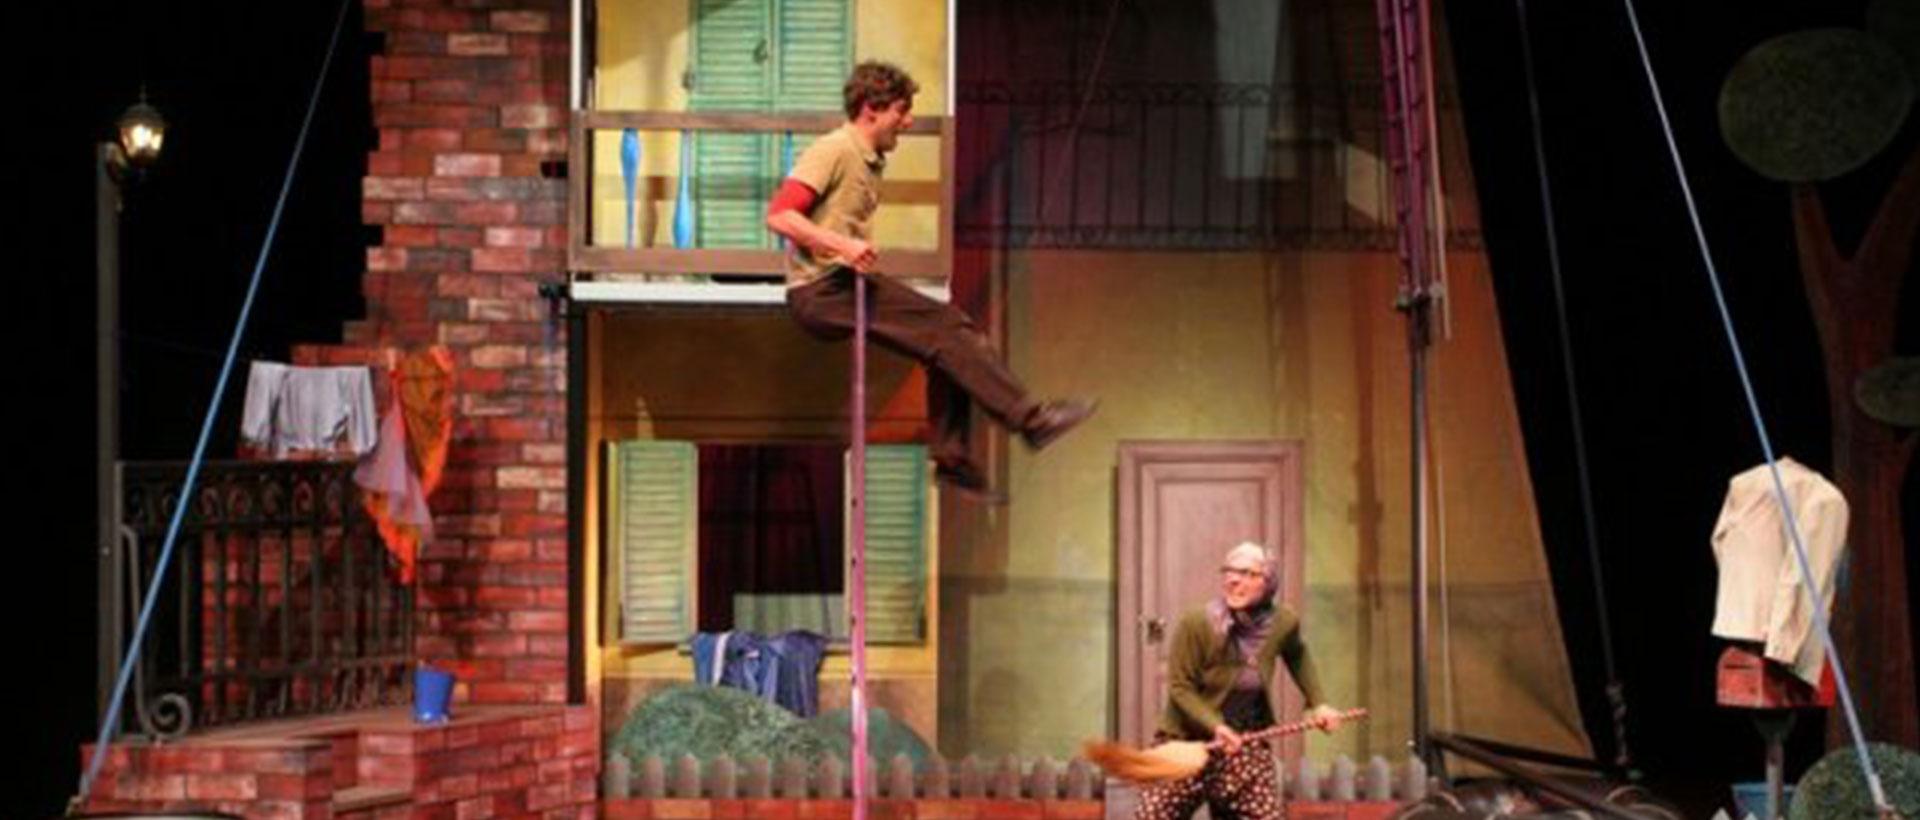 Teatro per le Famiglie: Kolok con Milo e Olivia al Teatro Salieri di Legnago